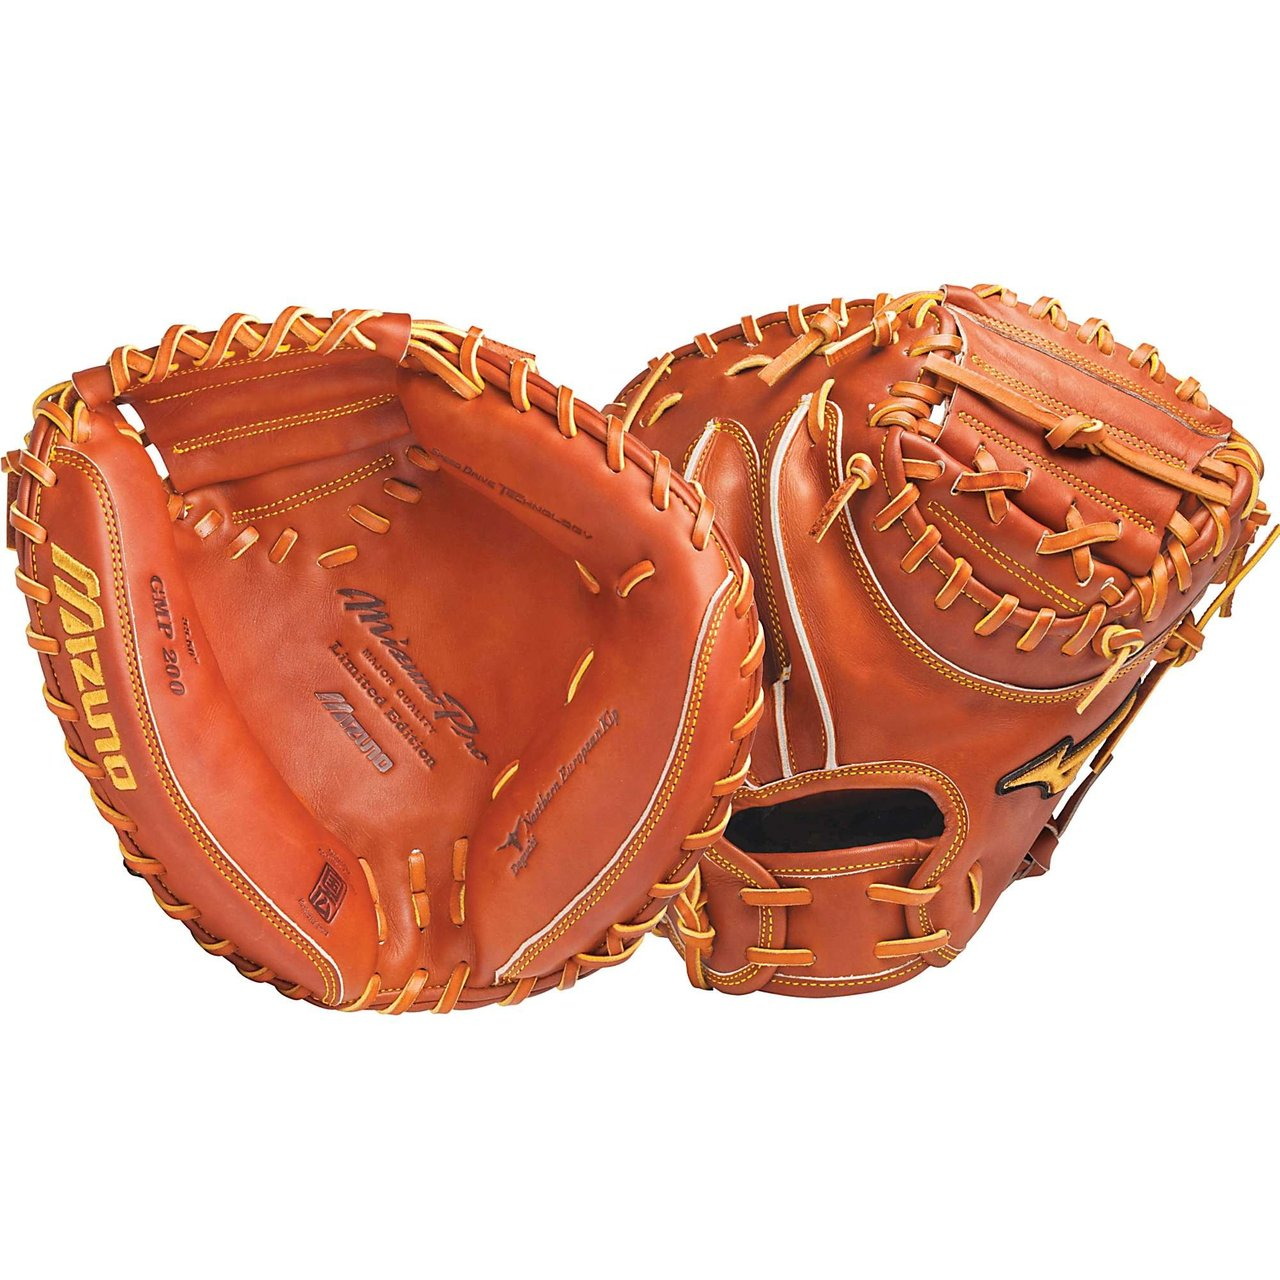 mizuno-pro-gmp200-limited-edition-catchers-mitt-33-5-right-handed-throw GMP200-Right Handed Throw Mizuno 041969371657 <p>Mizuno Pro Limited catchers mitt. The best catchers mitt Mizuno makes